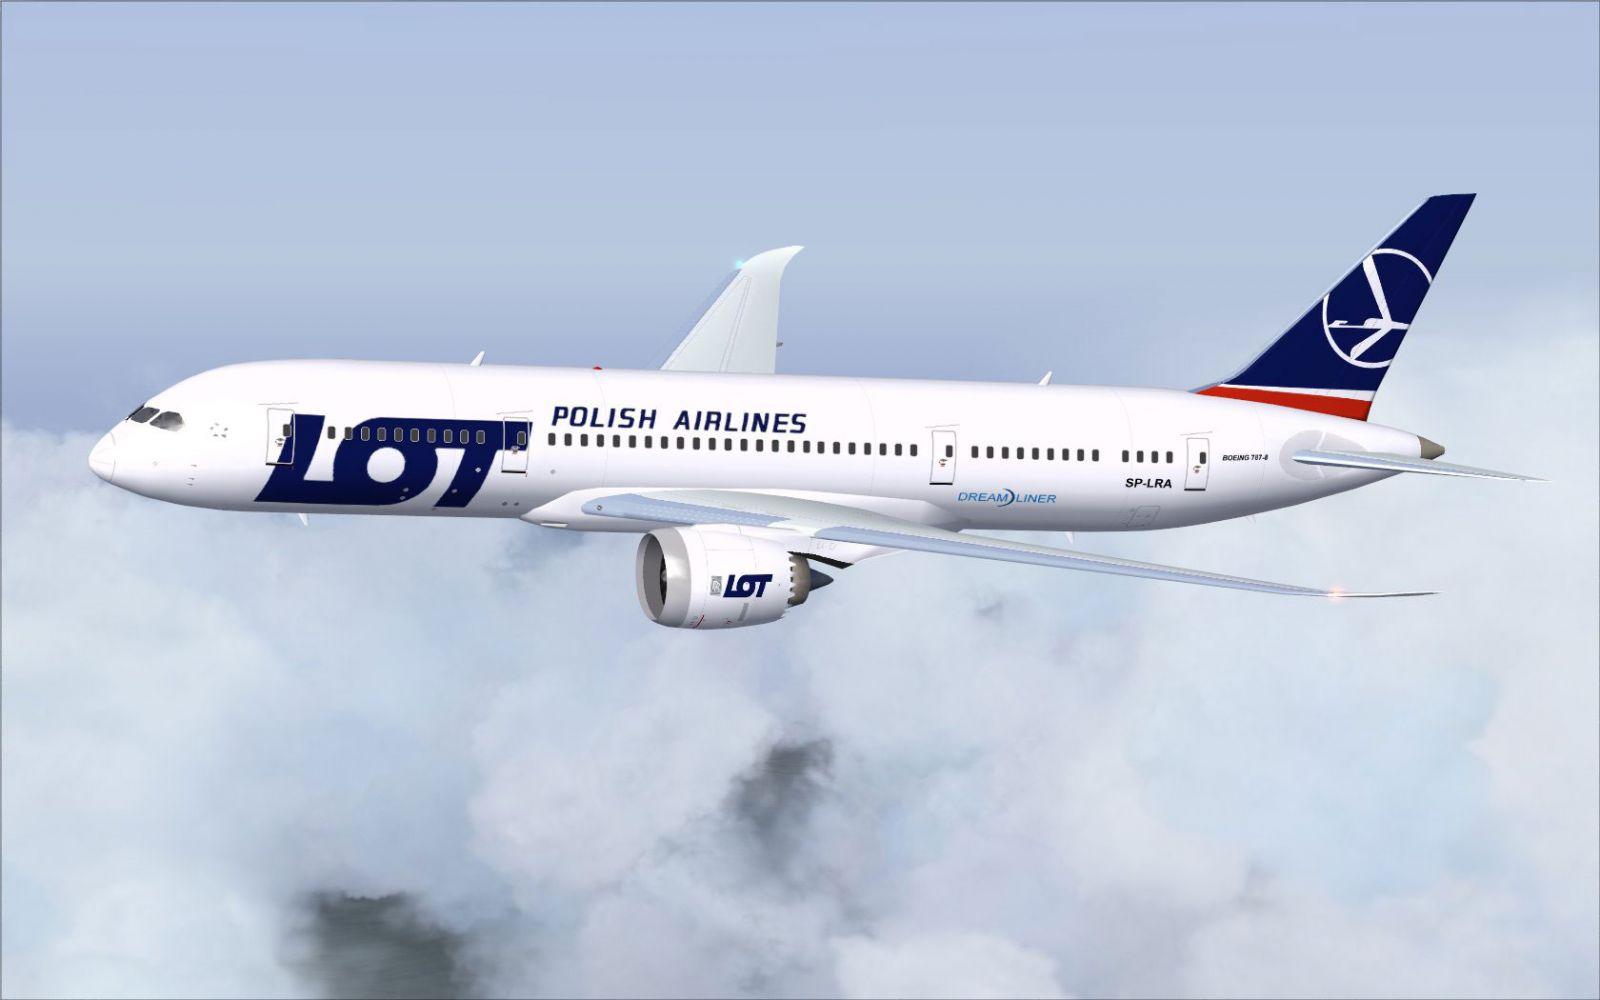 Polônia estuda conectar Varsóvia ao Rio com voo direto